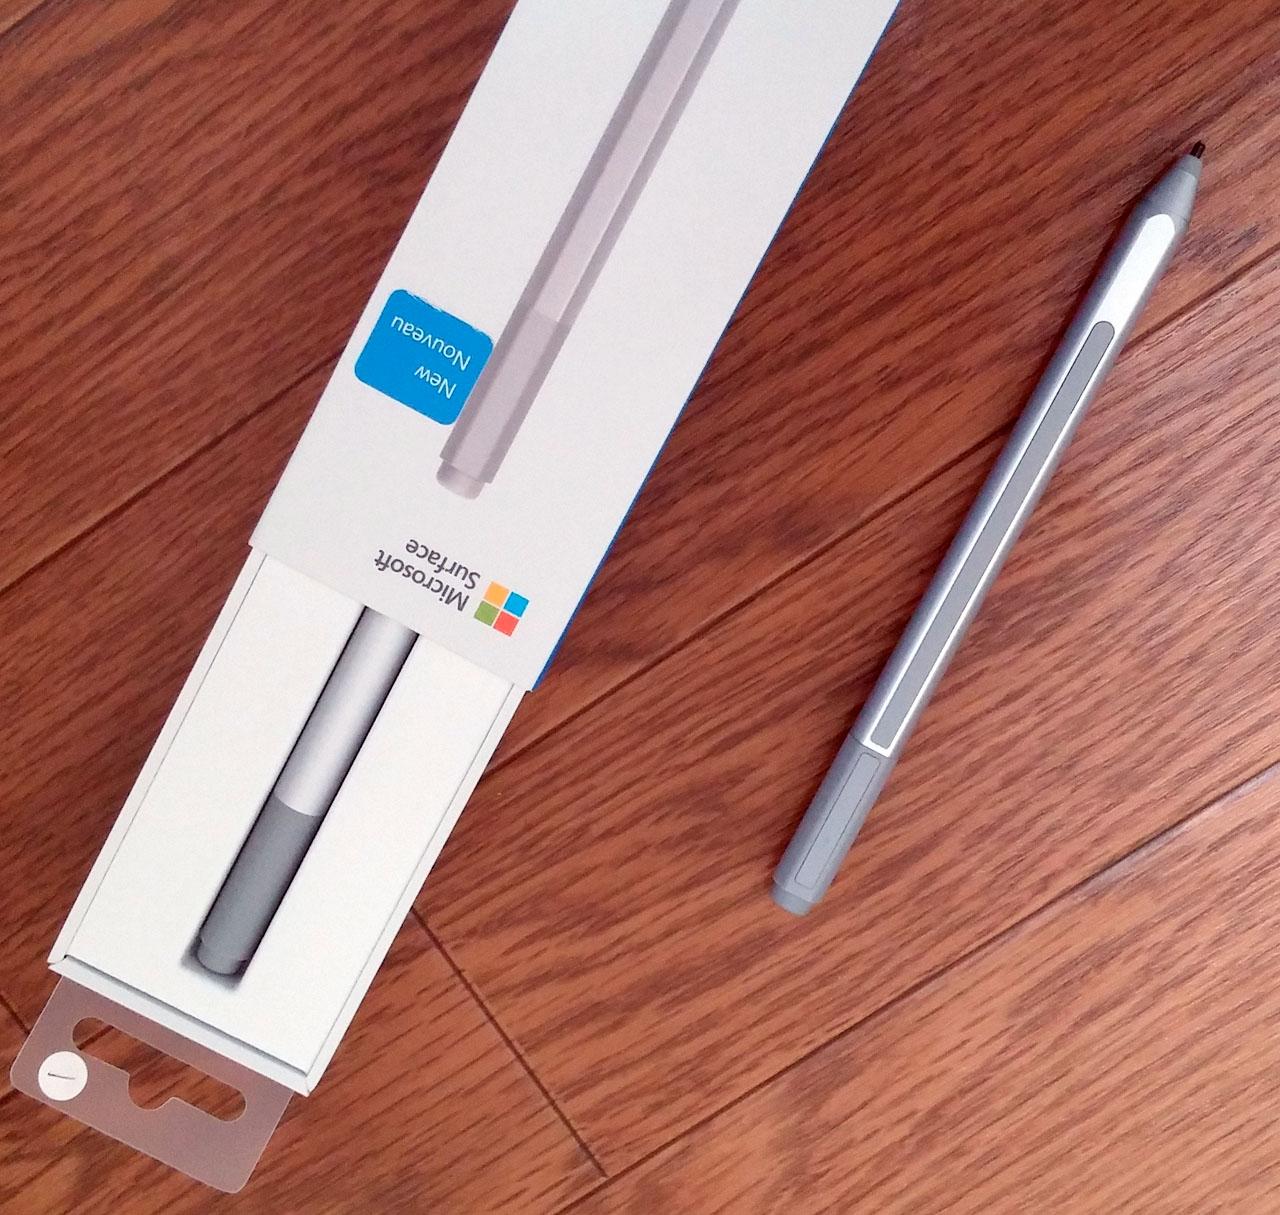 Surface Pen EYU-00015